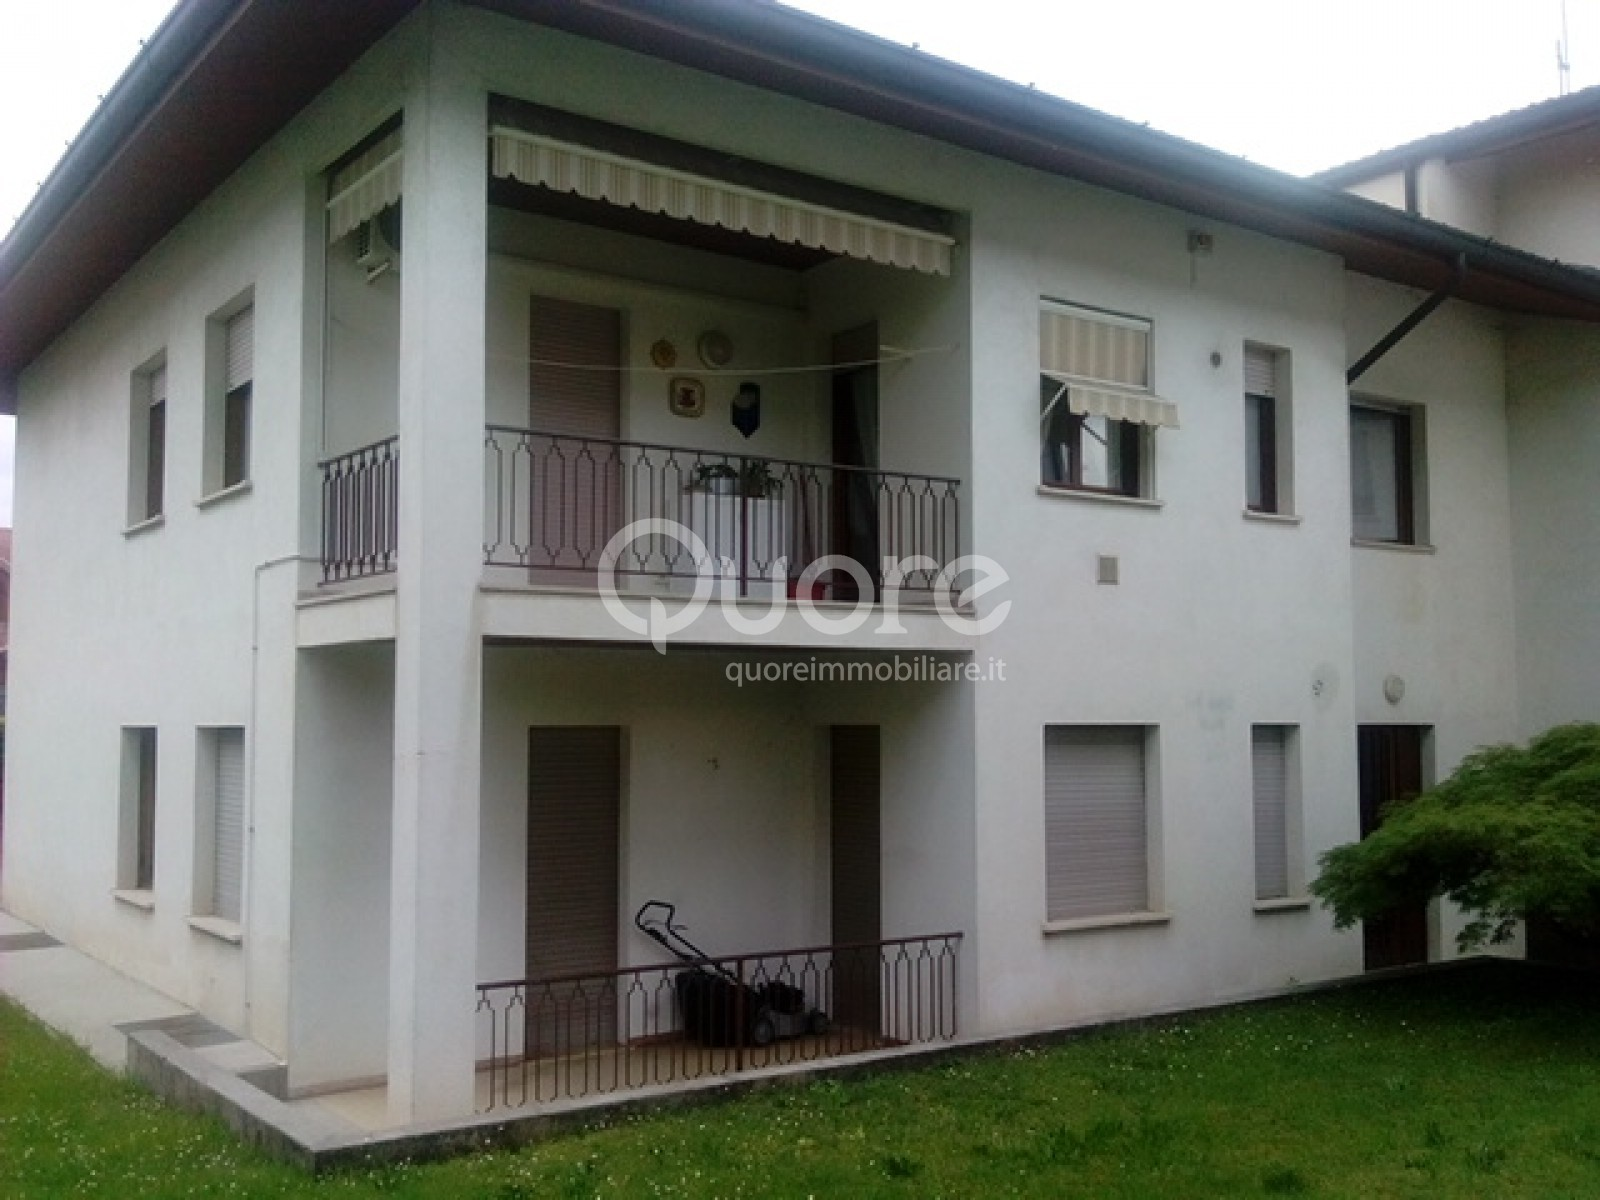 Appartamento in vendita a Tricesimo, 5 locali, prezzo € 85.000 | Cambio Casa.it